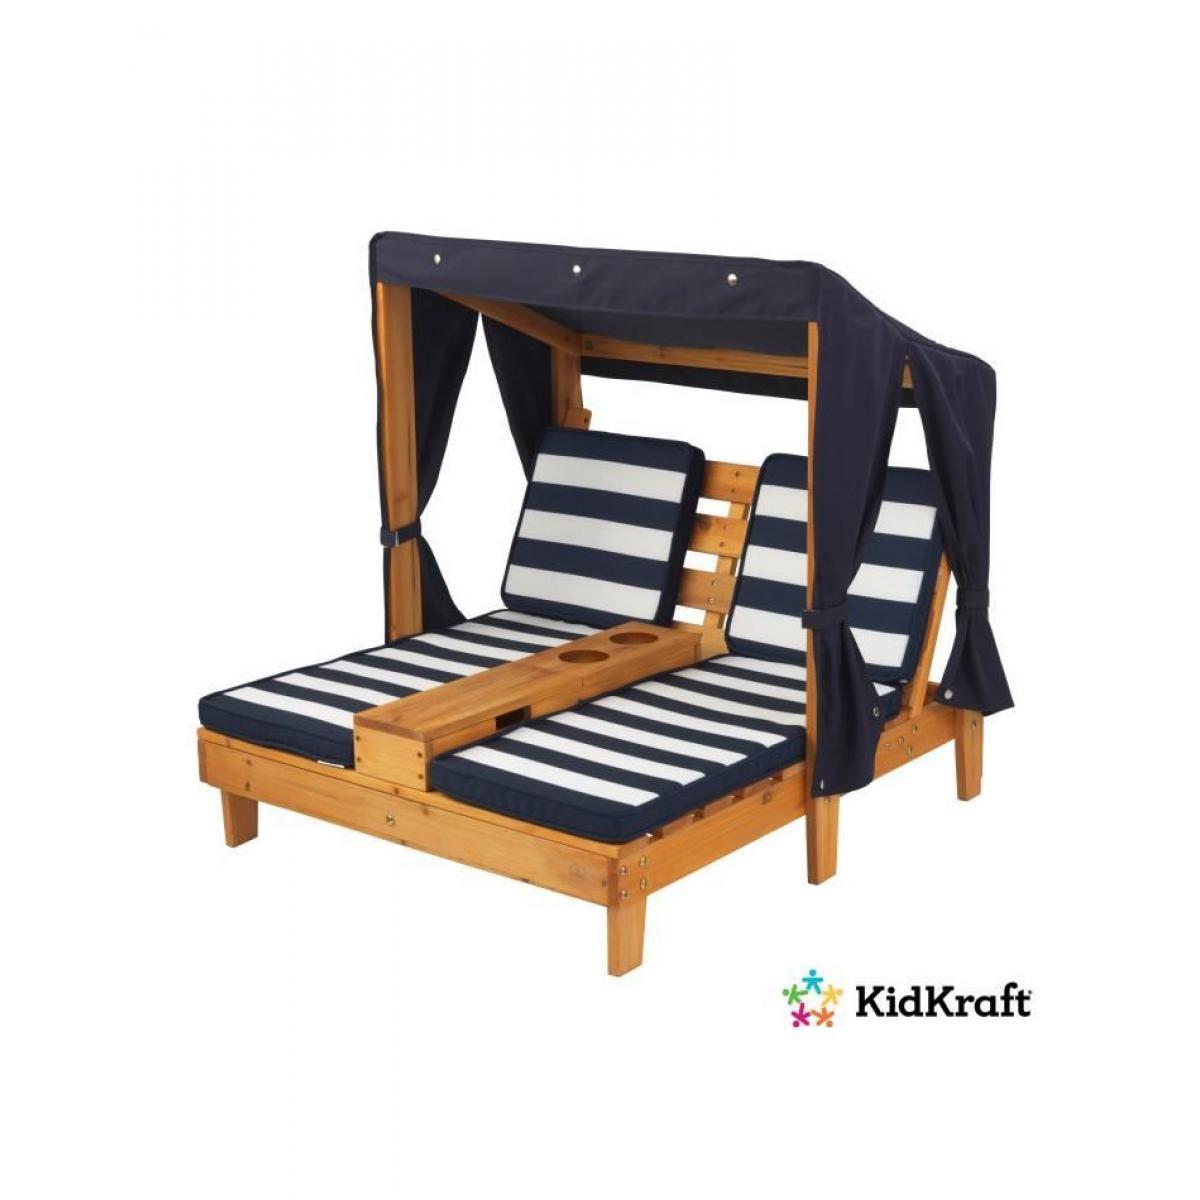 KidKraft Double Chaise longue avec porte-gobelets - couleur Miel avec coussins bleu et blanc